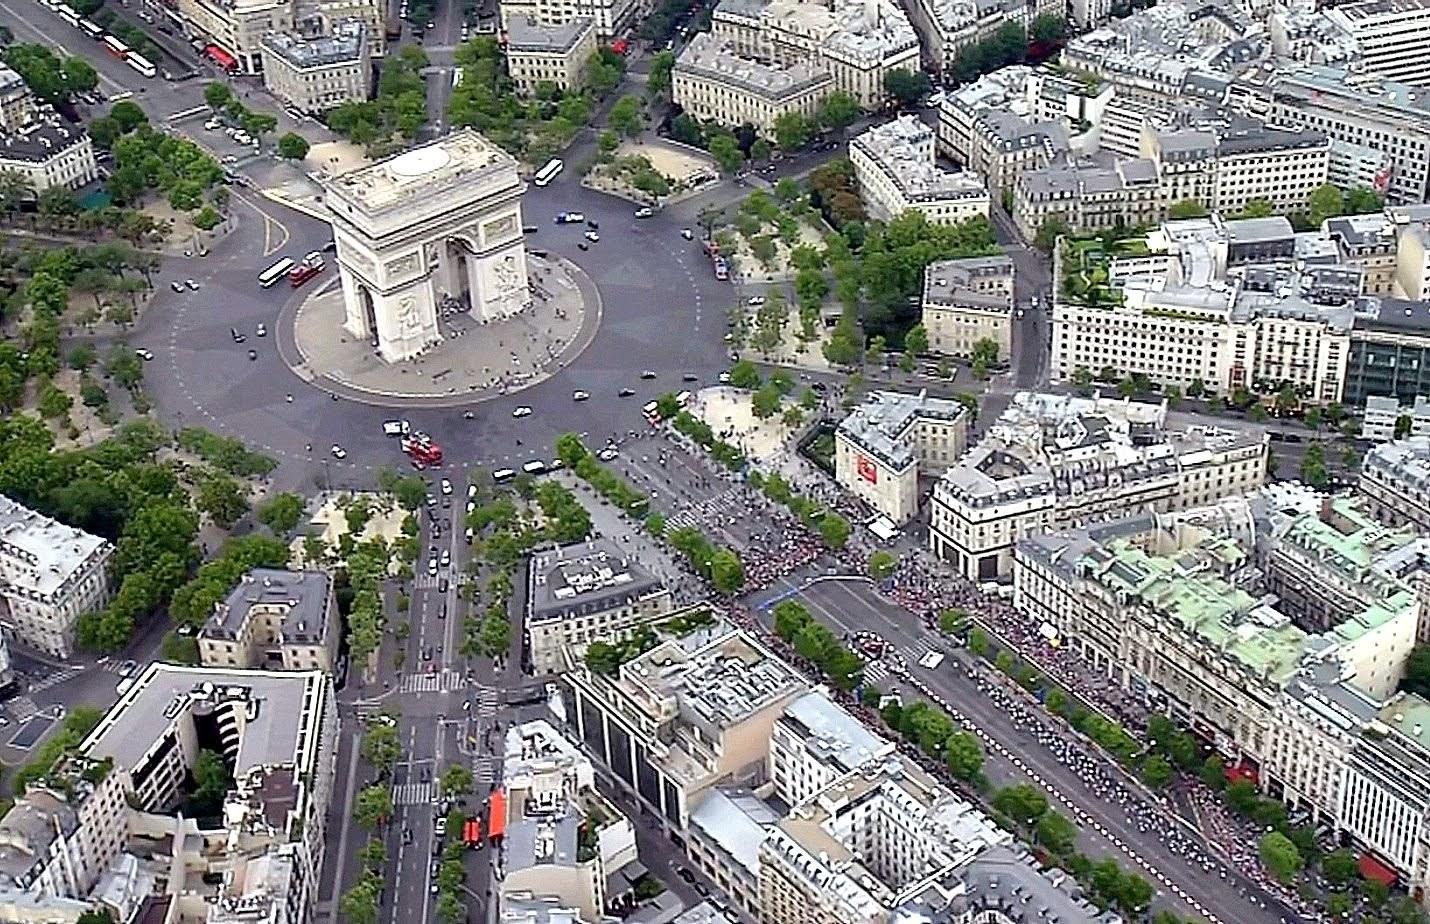 프랑스 파리의 개선문 회전교차로. 몰려드는 차량이 많아 대단히 혼잡하다. [중앙포토]